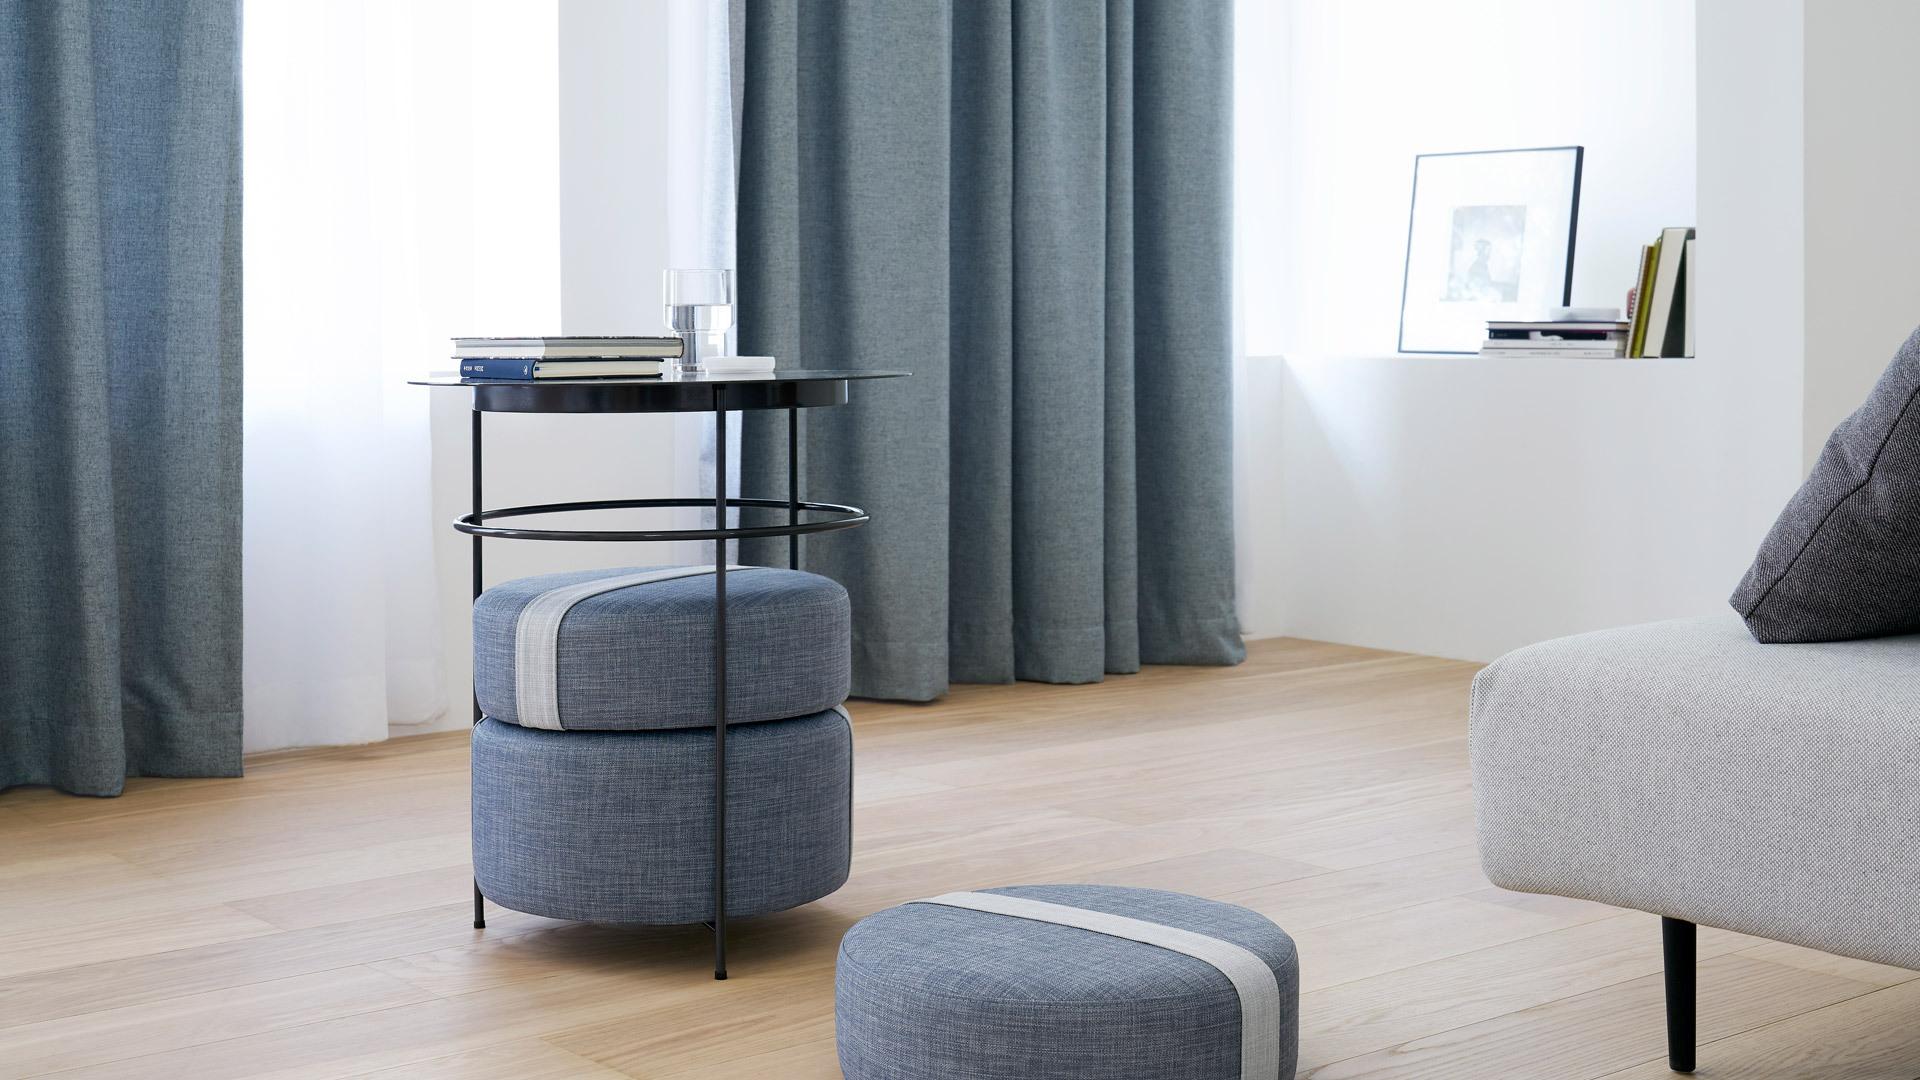 石青提带新色上线,典雅修饰空间美感